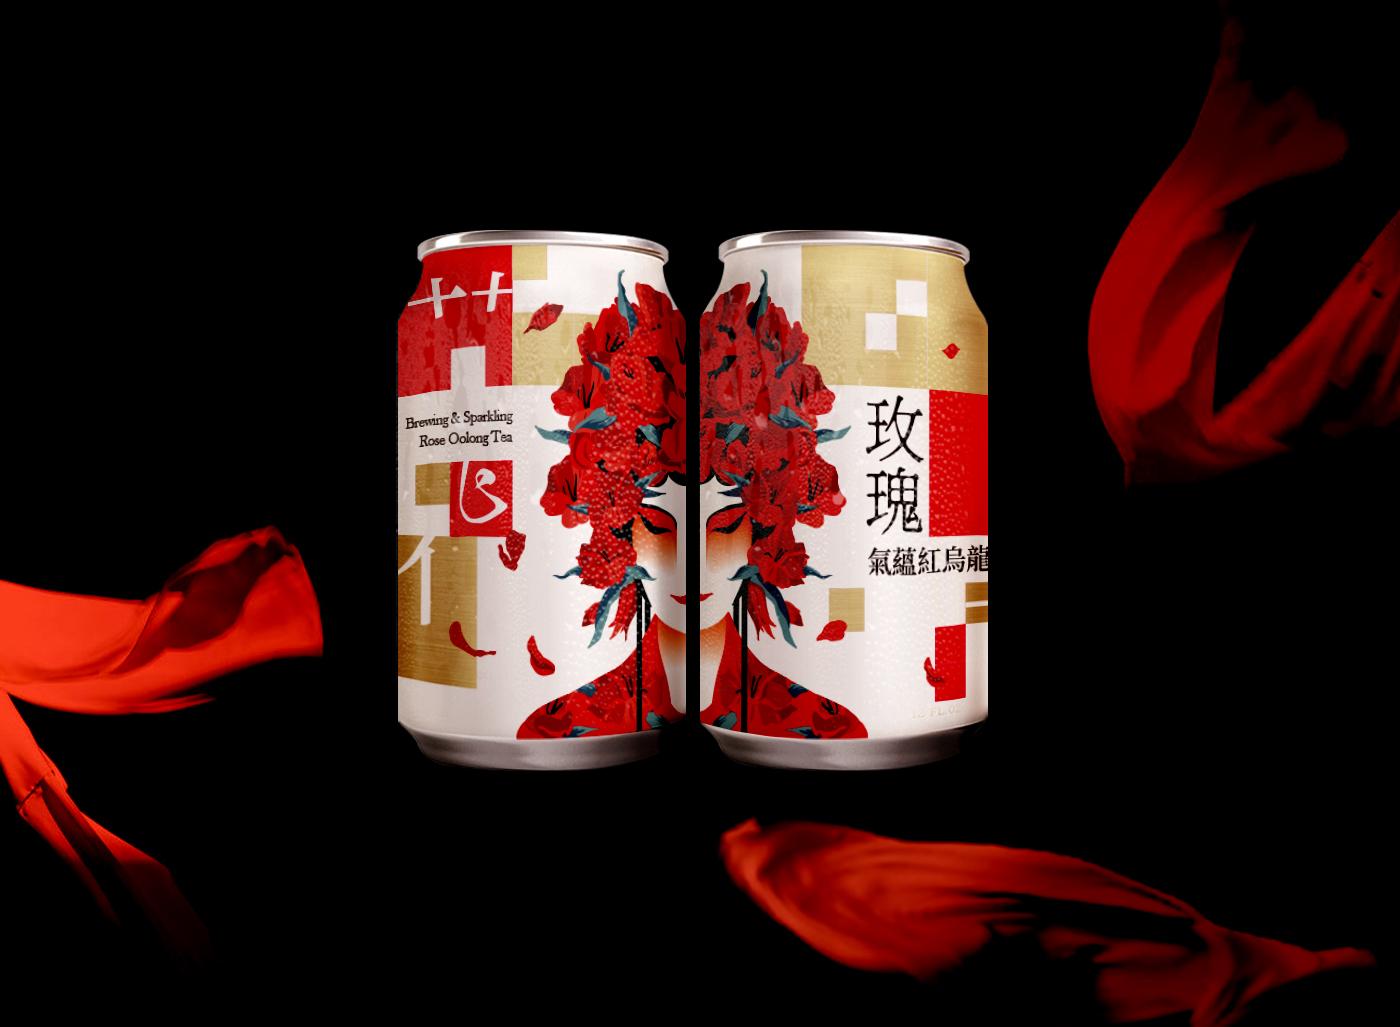 Hua-Dan Sparkling Tea